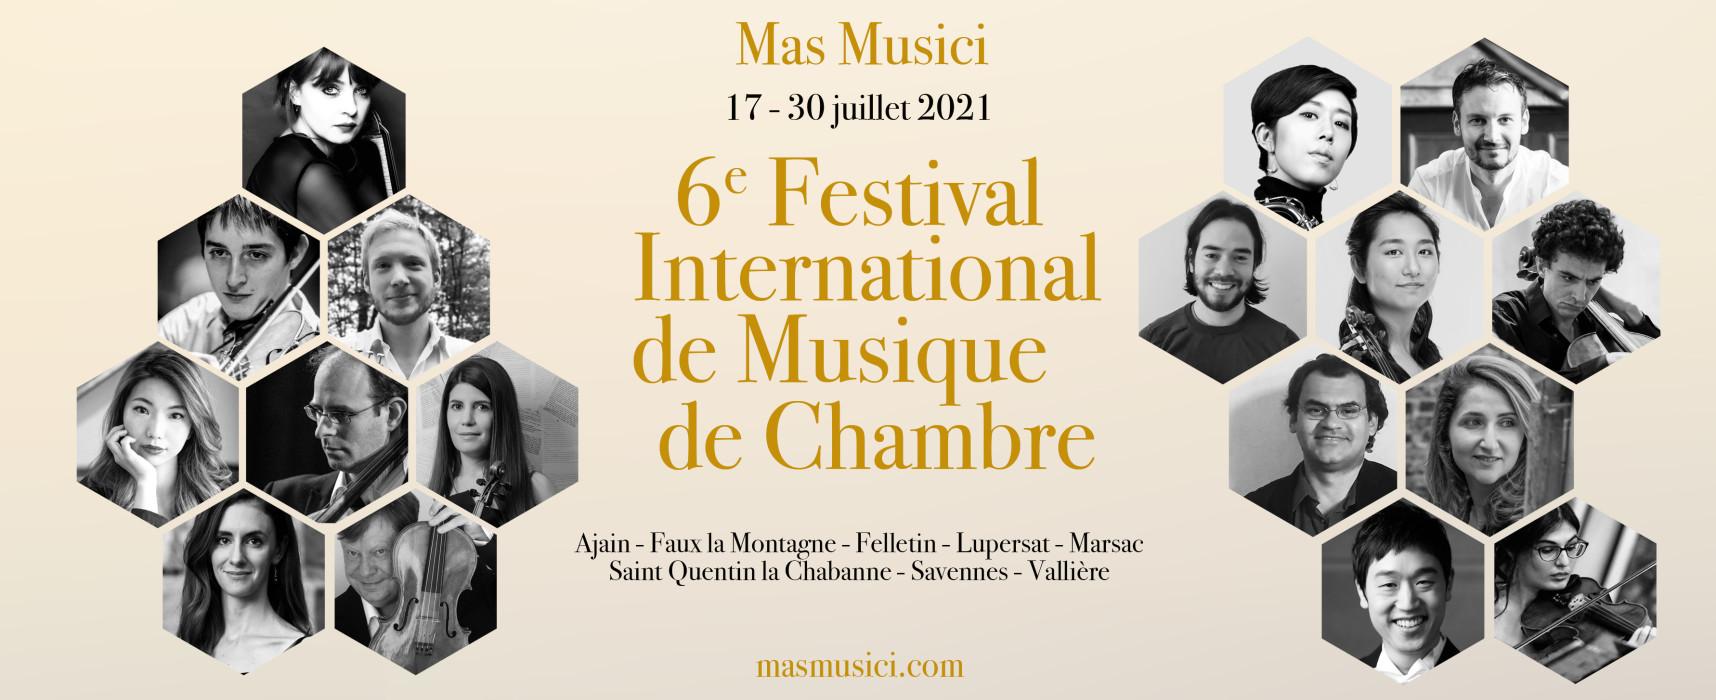 Mas Musici – 6e Festival International de Musique de Chambre – du 17 au 30 juillet 2021